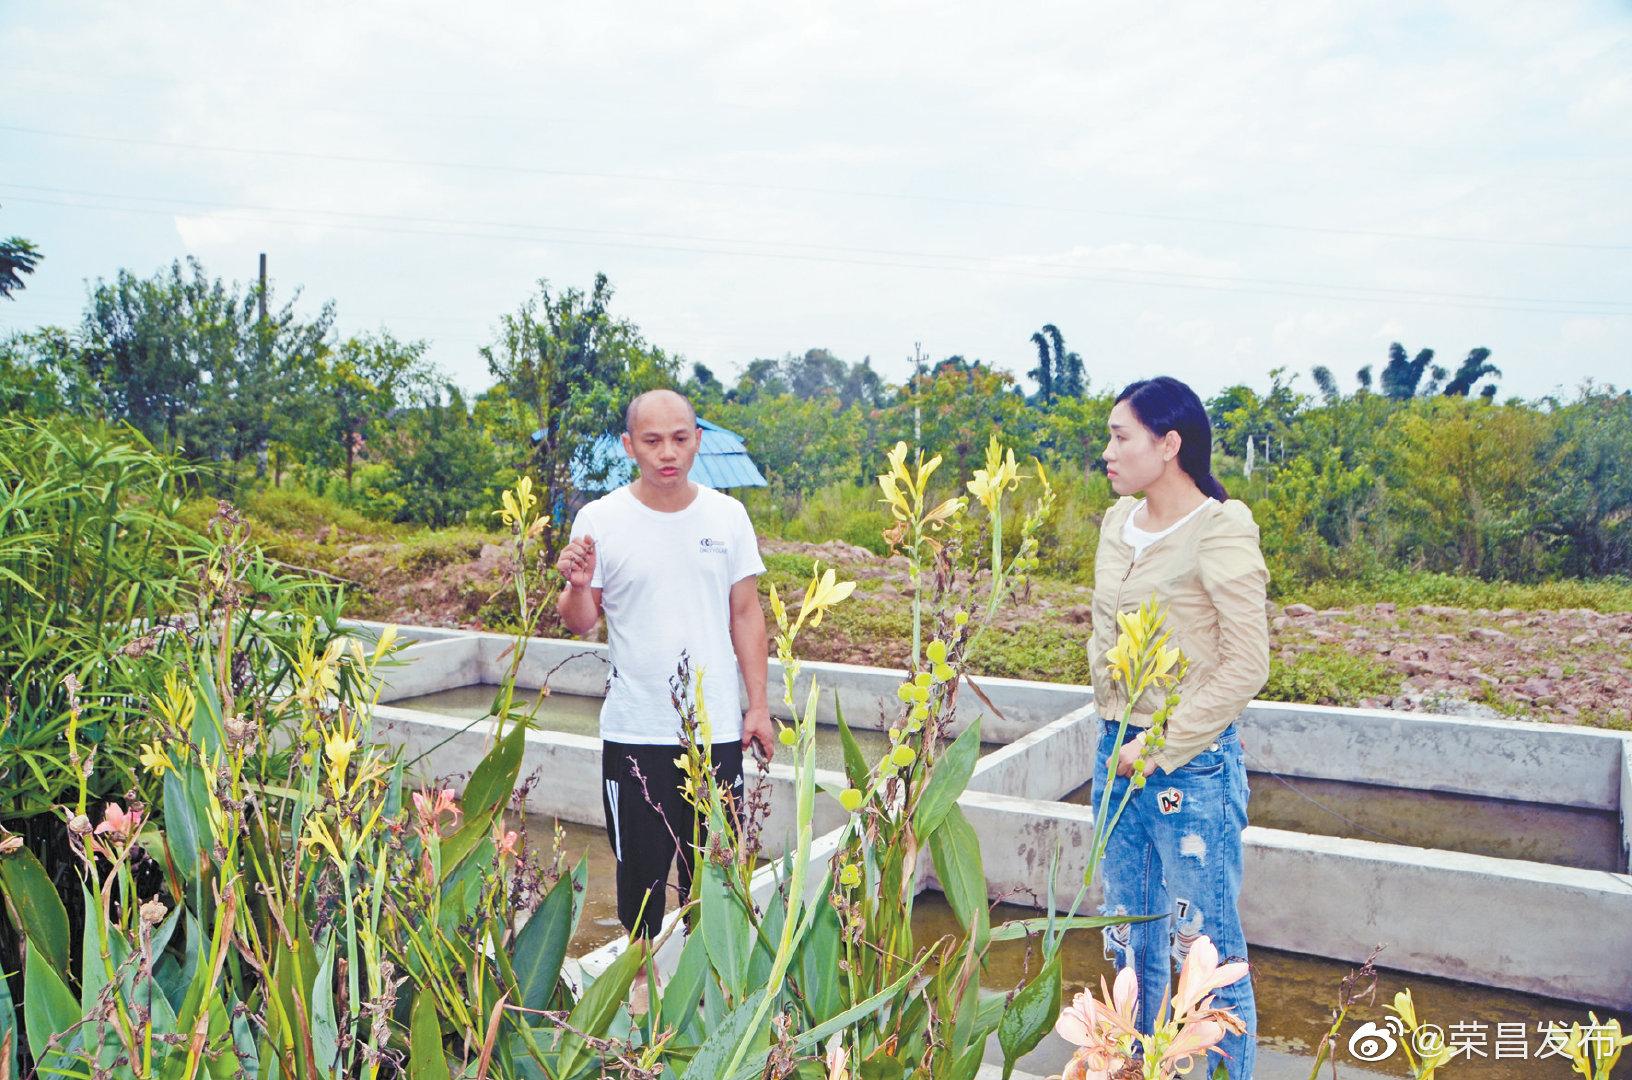 清升镇 漫水桥响铃新村人工湿地扩建项目主体完工